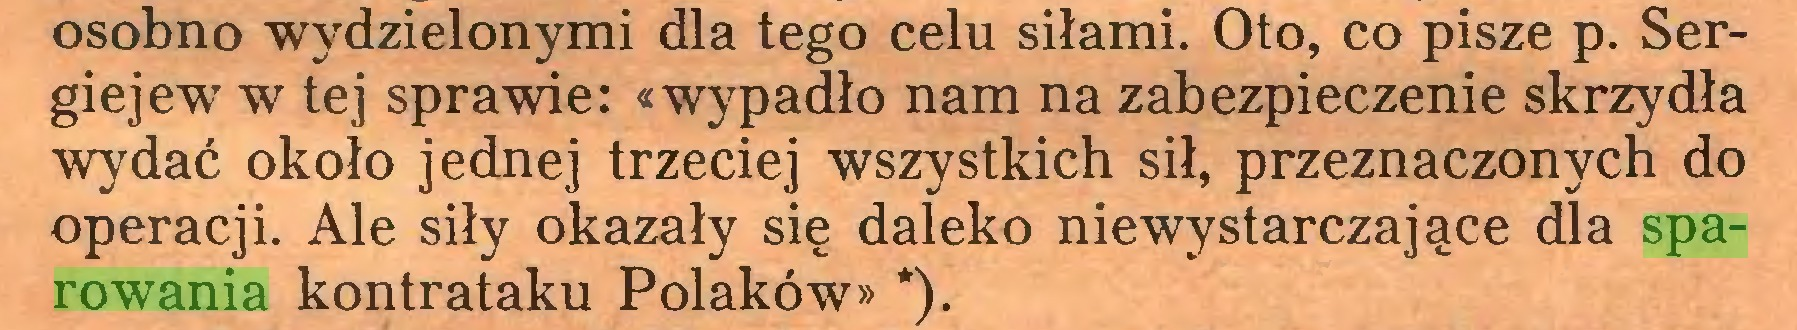 (...) osobno wydzielonymi dla tego celu siłami. Oto, co pisze p. Sergiejew w tej sprawie: «wypadło nam na zabezpieczenie skrzydła wydać około jednej trzeciej wszystkich sił, przeznaczonych do operacji. Ale siły okazały się daleko niewystarczające dla sparowania kontrataku Polaków» *)...